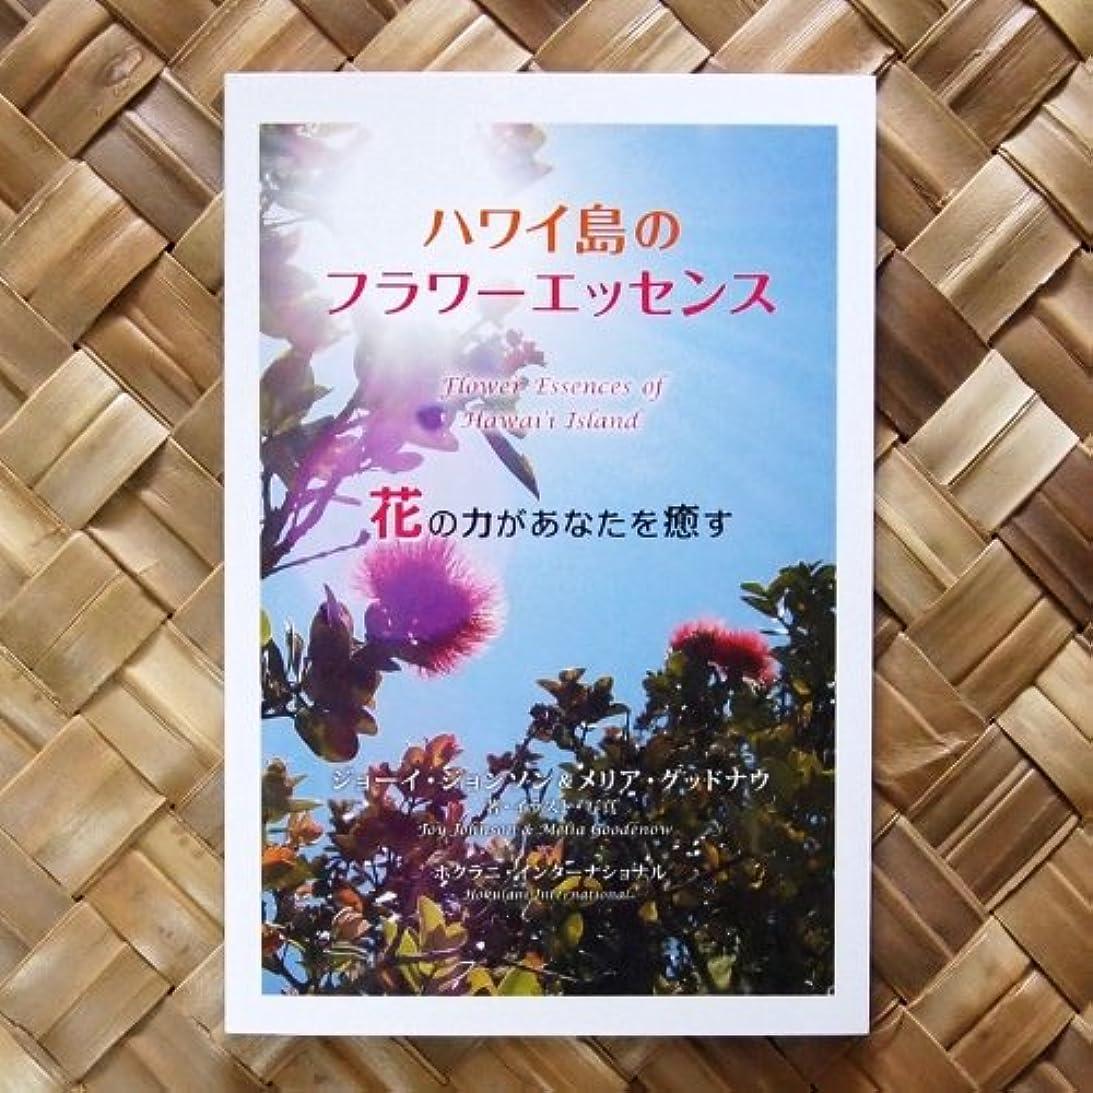 泣いている尊敬する線形ハワイ島のフラワーエッセンス 花の力があなたを癒す